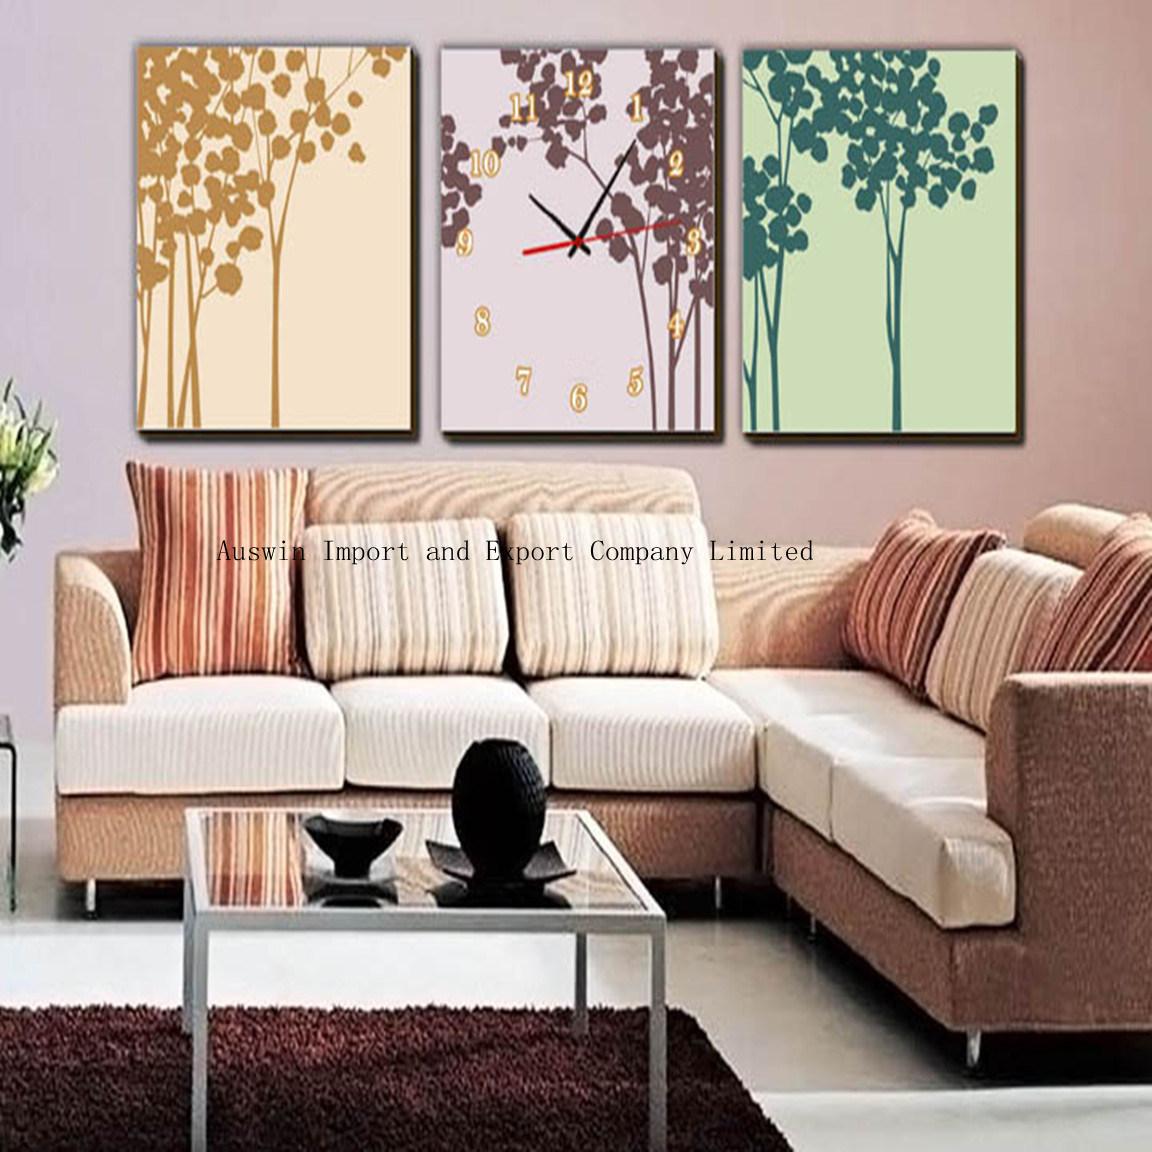 Cuadros exquisitos de la pared del arte con el reloj hz 007 cuadros exquisitos de la pared - Cuadro para pared ...